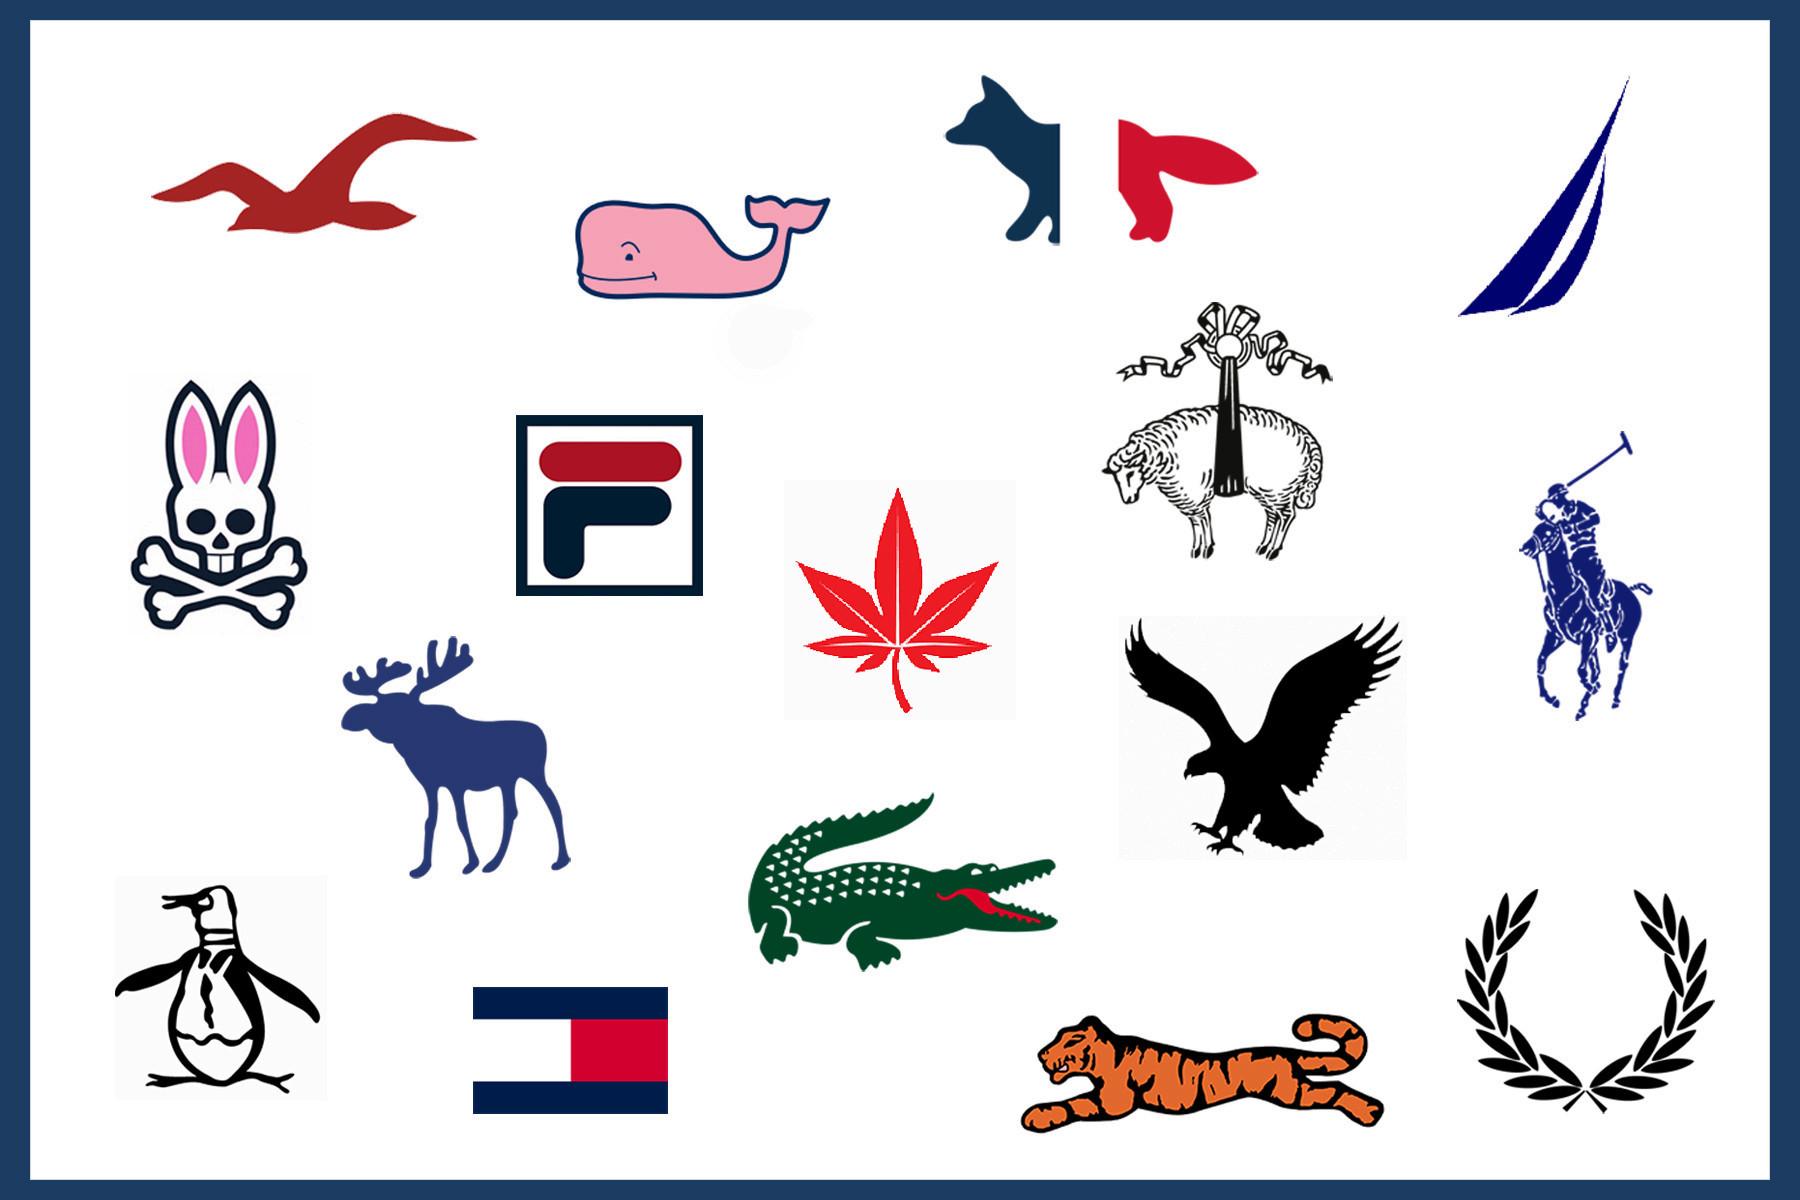 Top Ten Logo Design Ideas